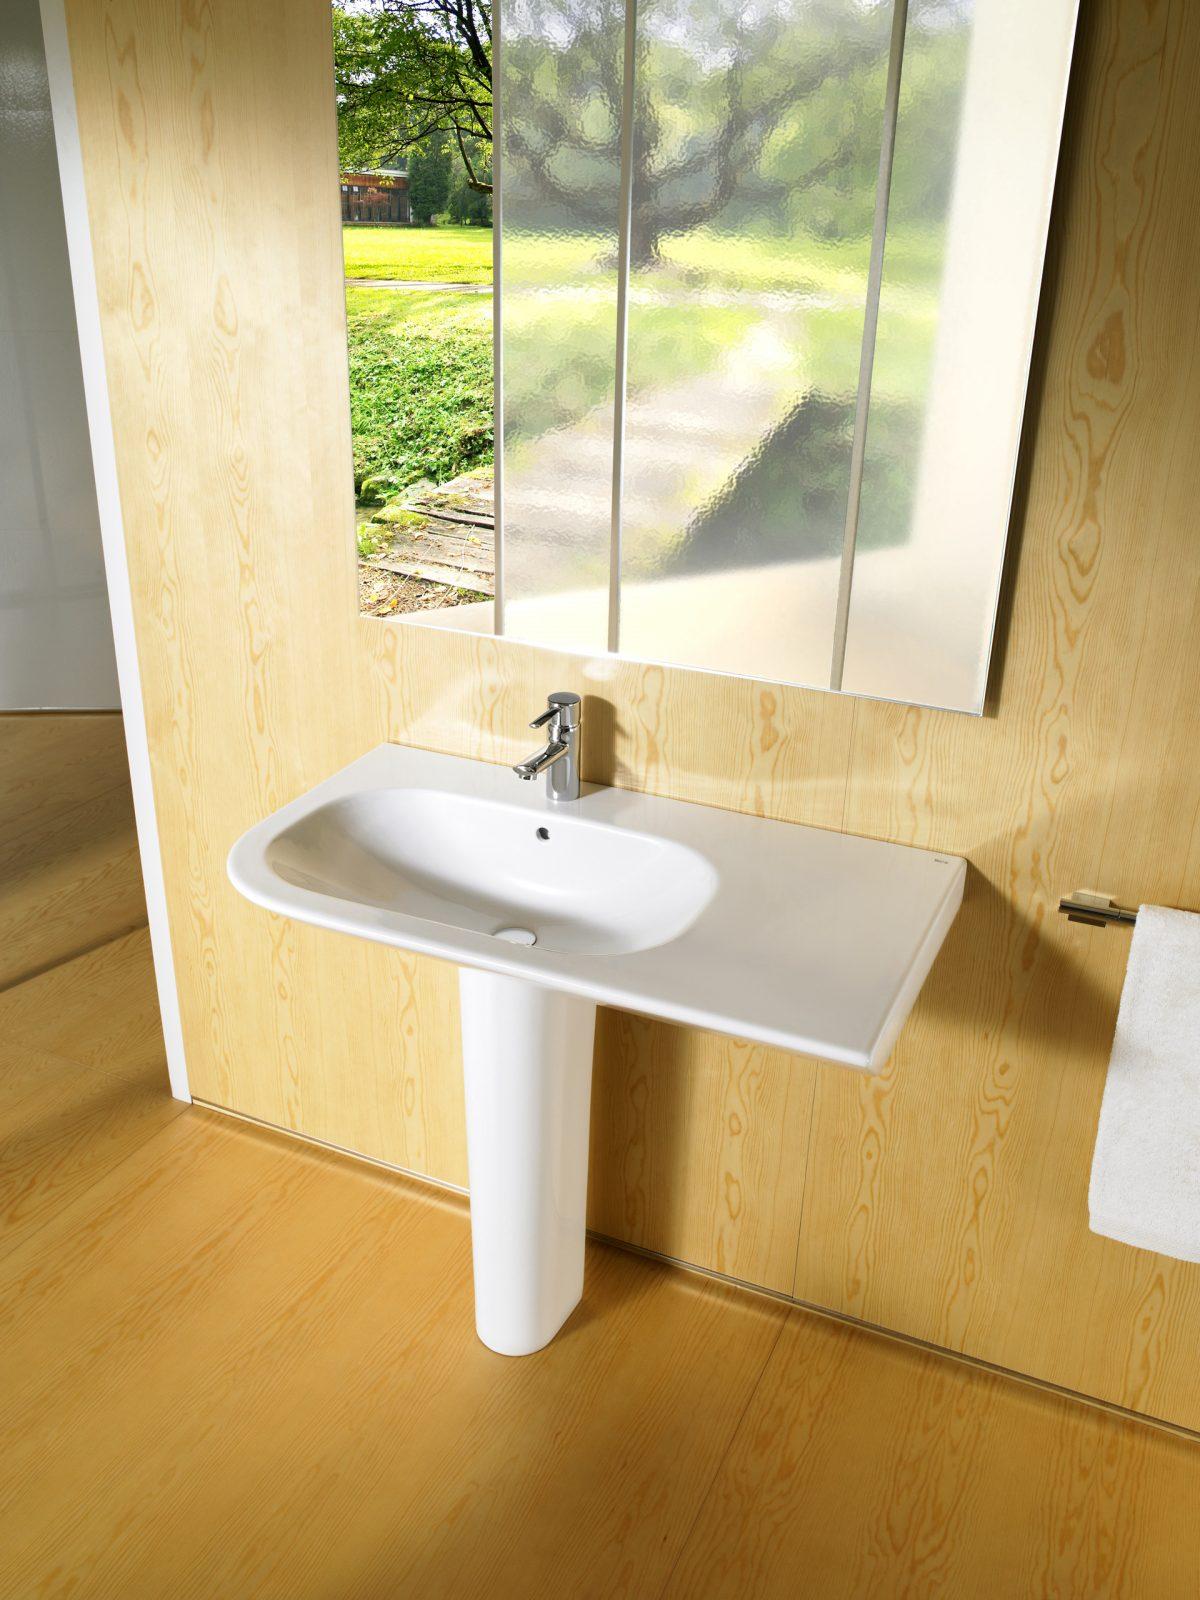 Lavabo colonne pour salle de bains NEXO de Roca ...